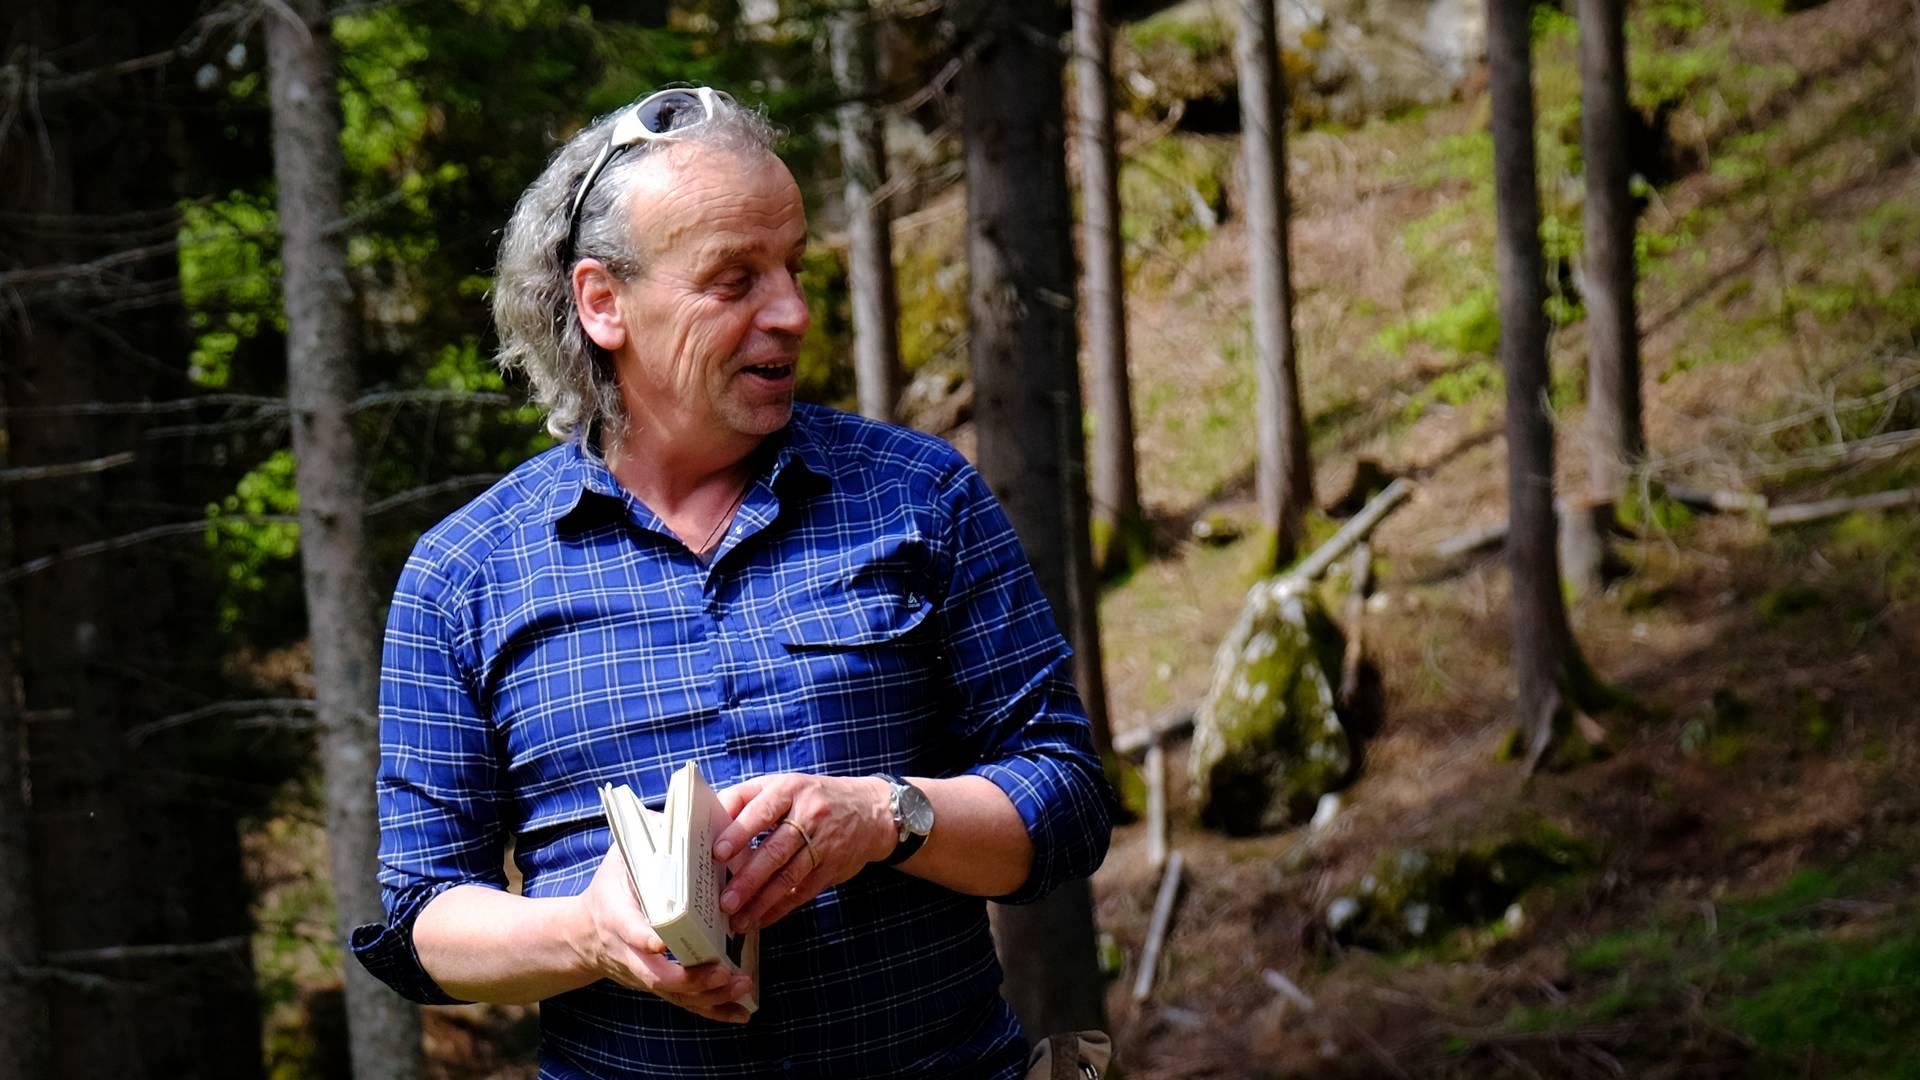 Zdravko Haderlap kennt viele Geschichten aus der Region